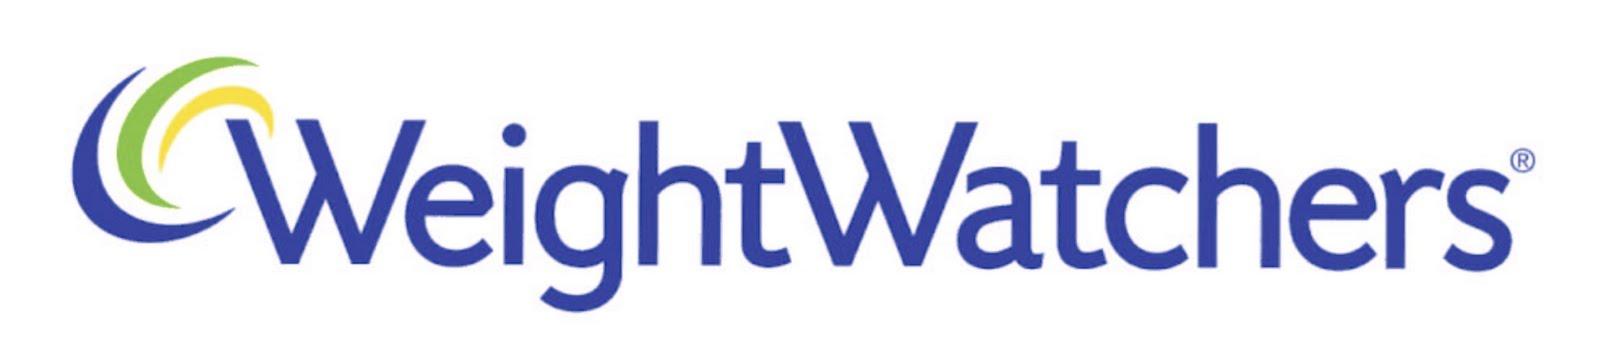 Weight watchers online auch treffen